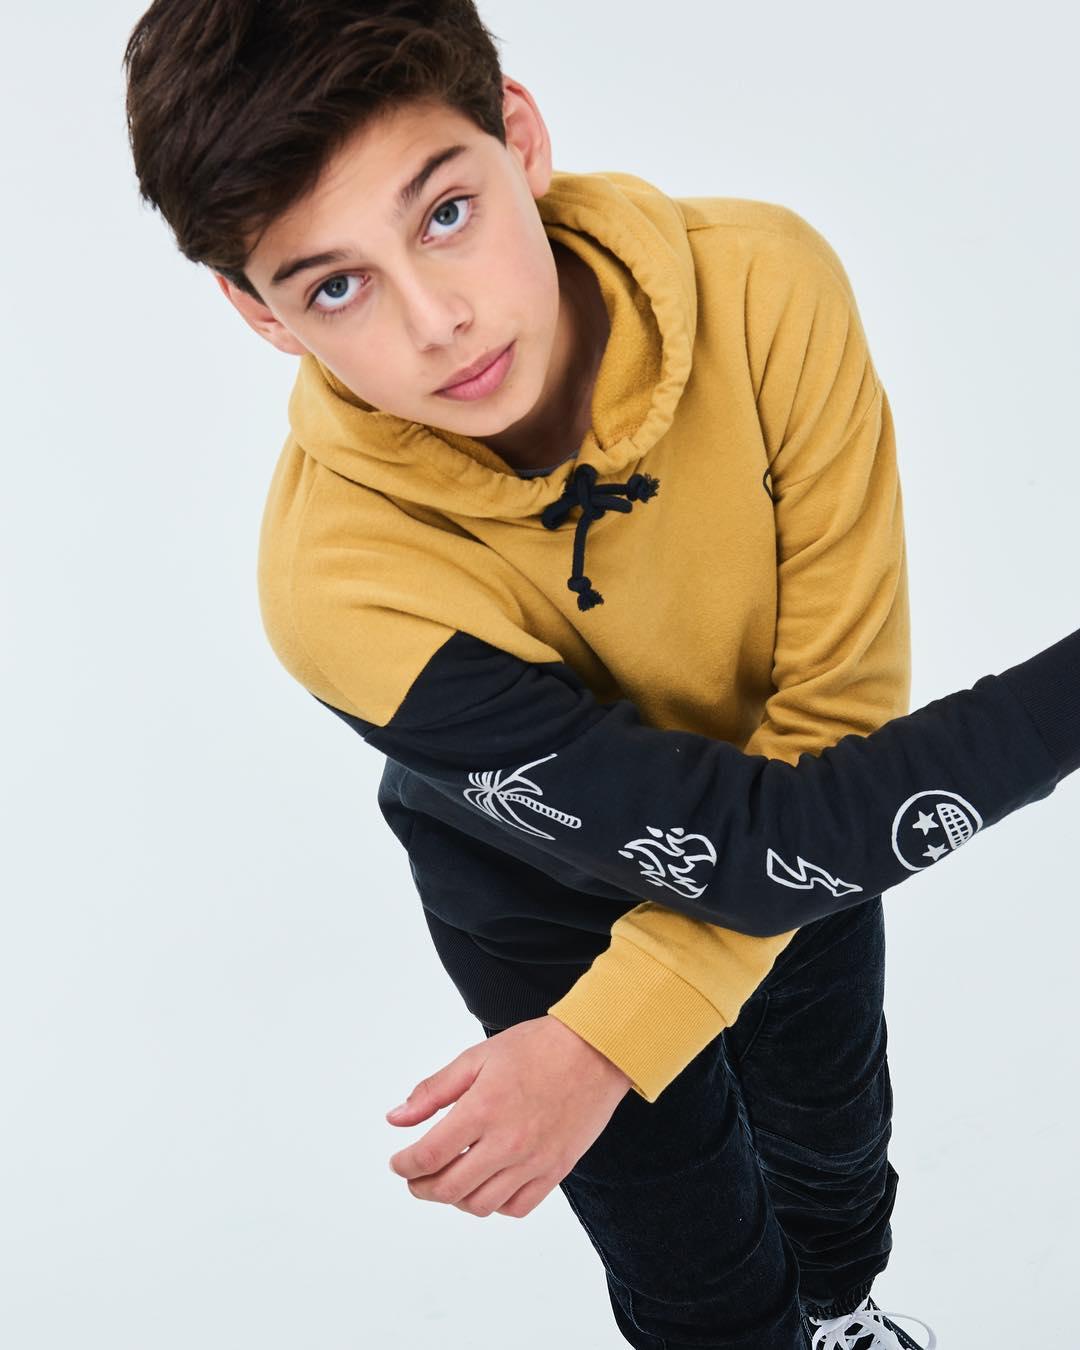 Alec 6